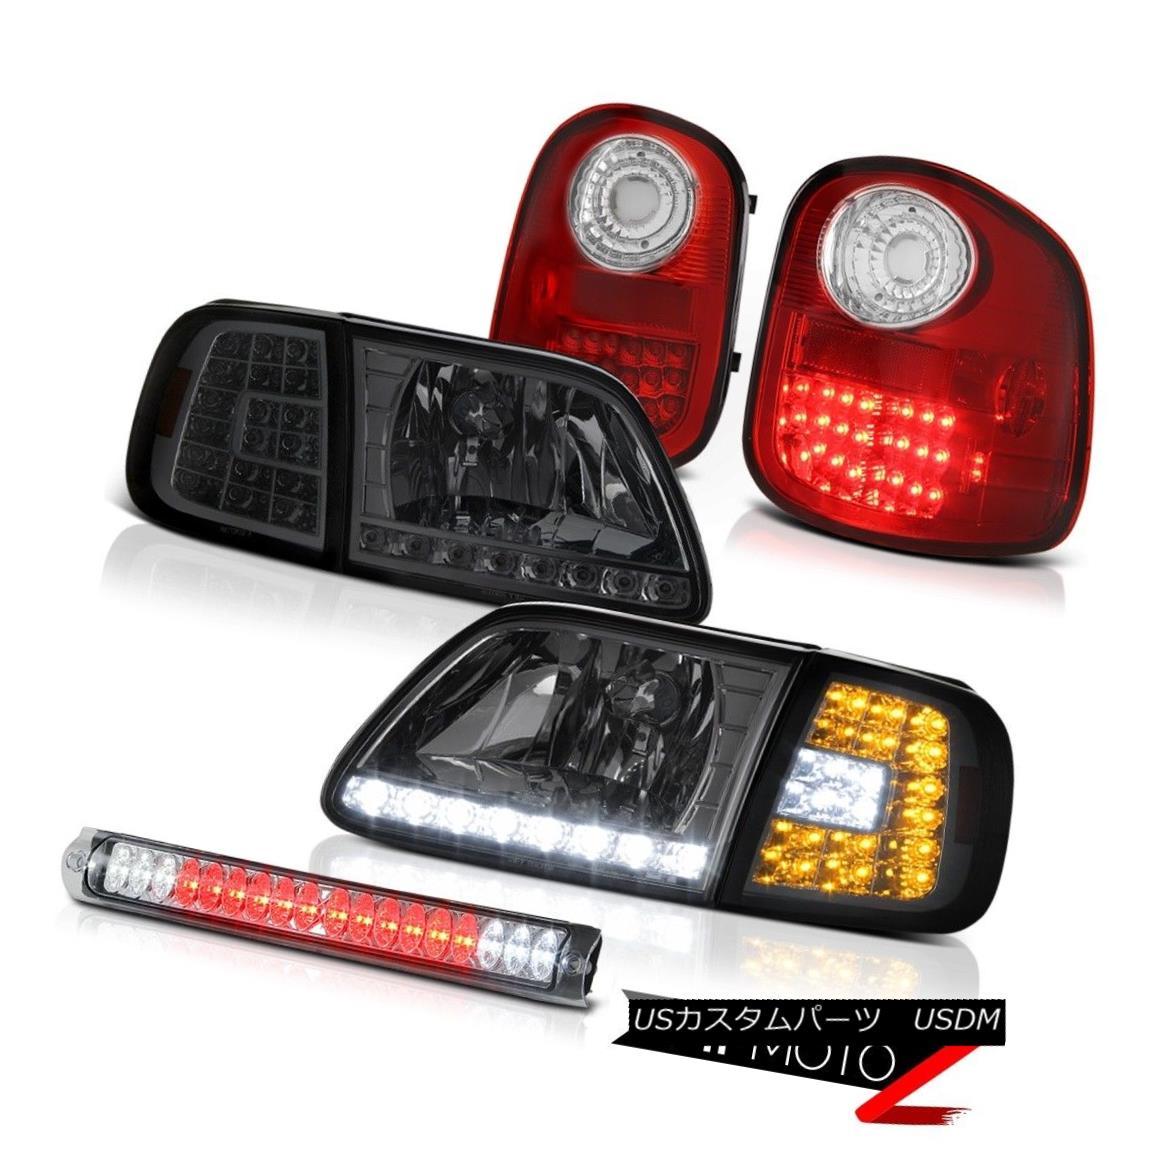 ヘッドライト Corner SMD DRL Headlights Bright Taillamps Brake LED 97-03 F150 Flareside Lariat コーナーSMD DRLヘッドライトブライトTaillampsブレーキLED 97-03 F150 Flareside Lariat